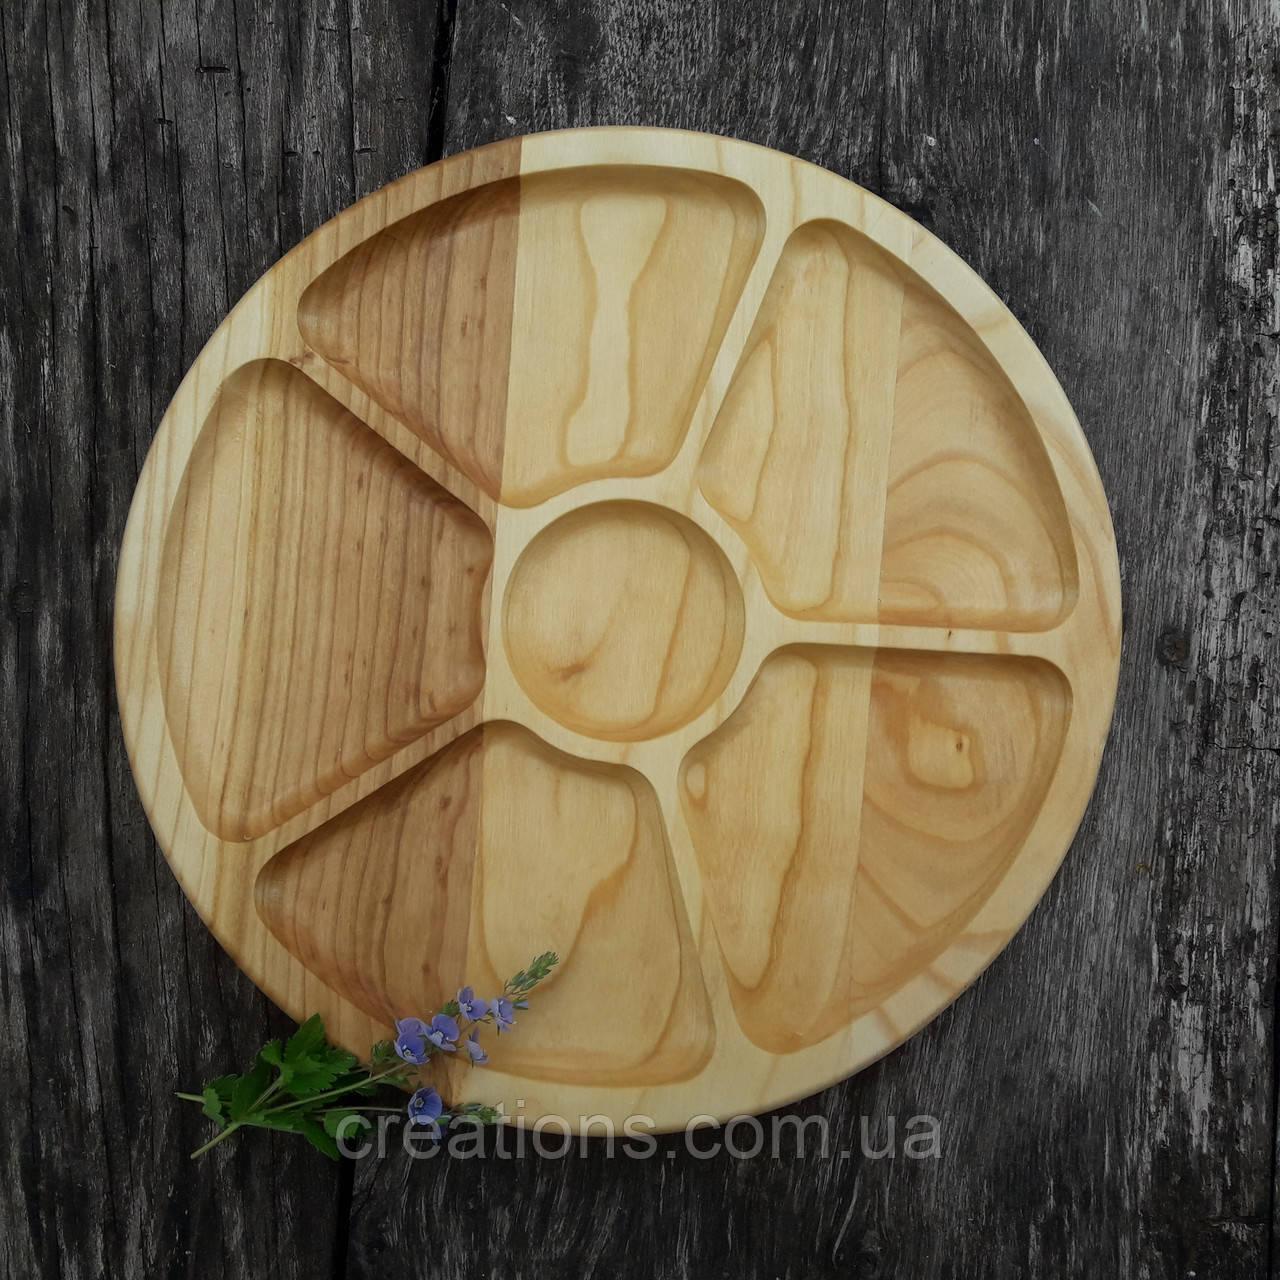 Менажница деревянная 30 см, круглая на 5 секций с соусницей из черешни, ясеня